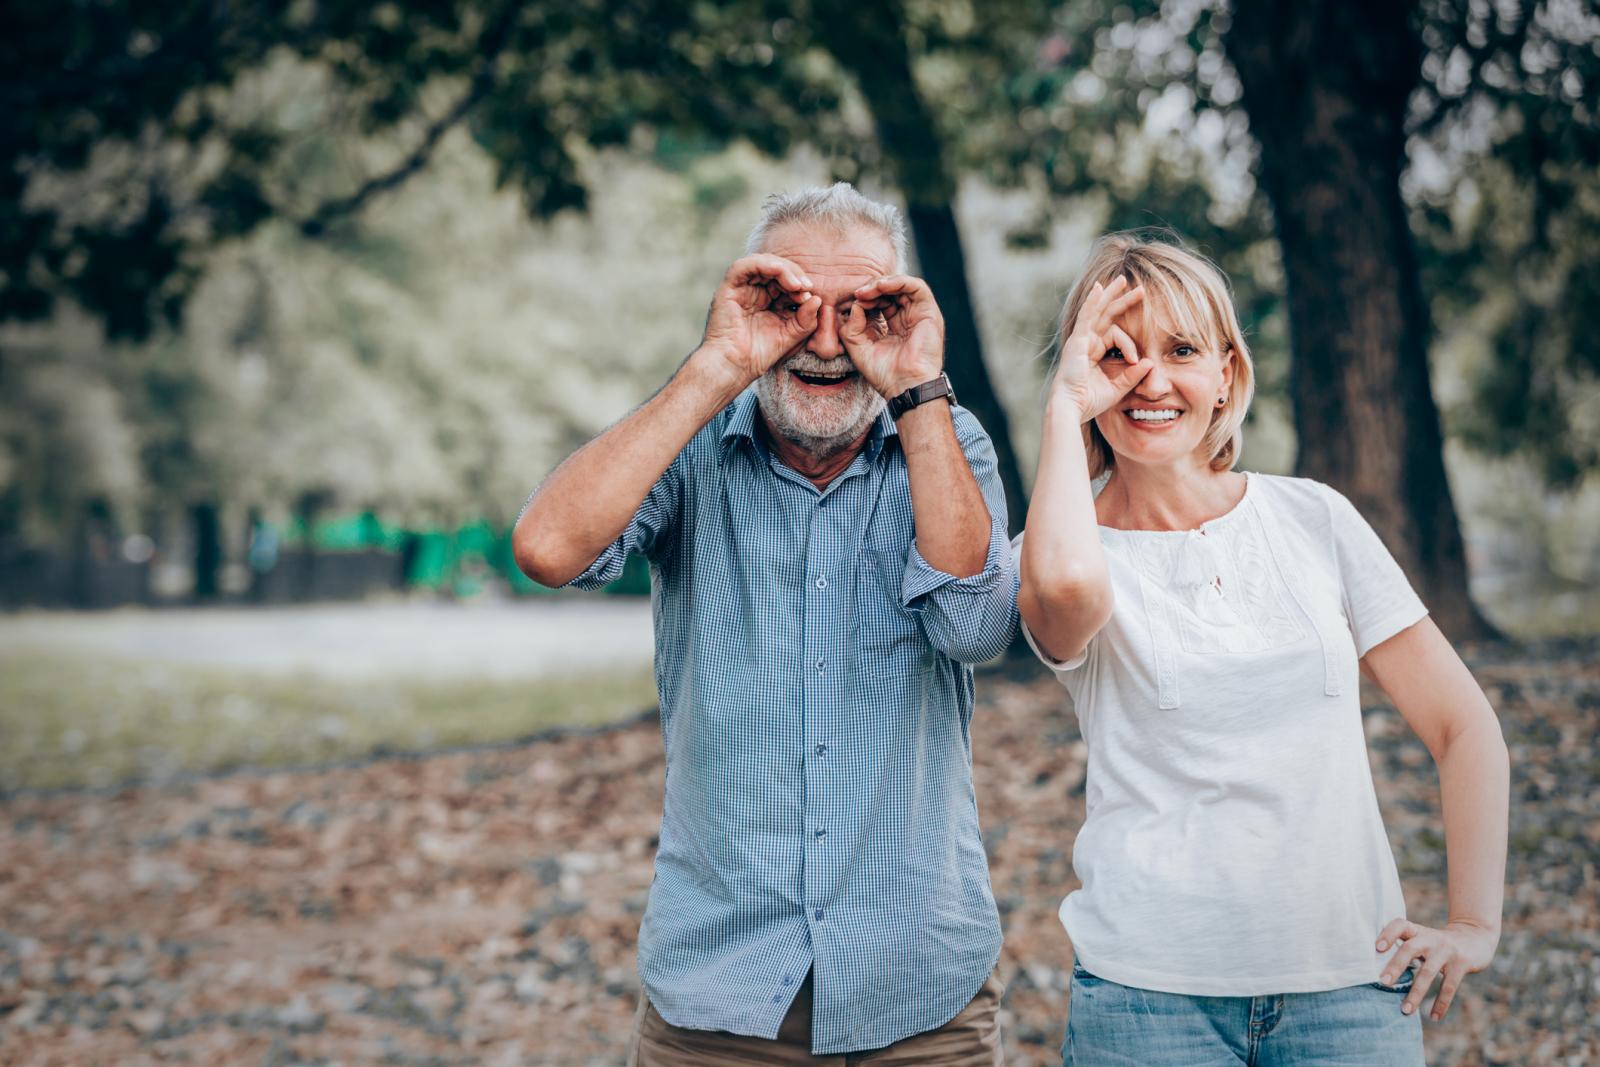 Osobe starije od 55 godina imaju manju gustoću kostiju i čak tri puta veći rizik od nedostatka kalcija, vitamina D3 i K1.